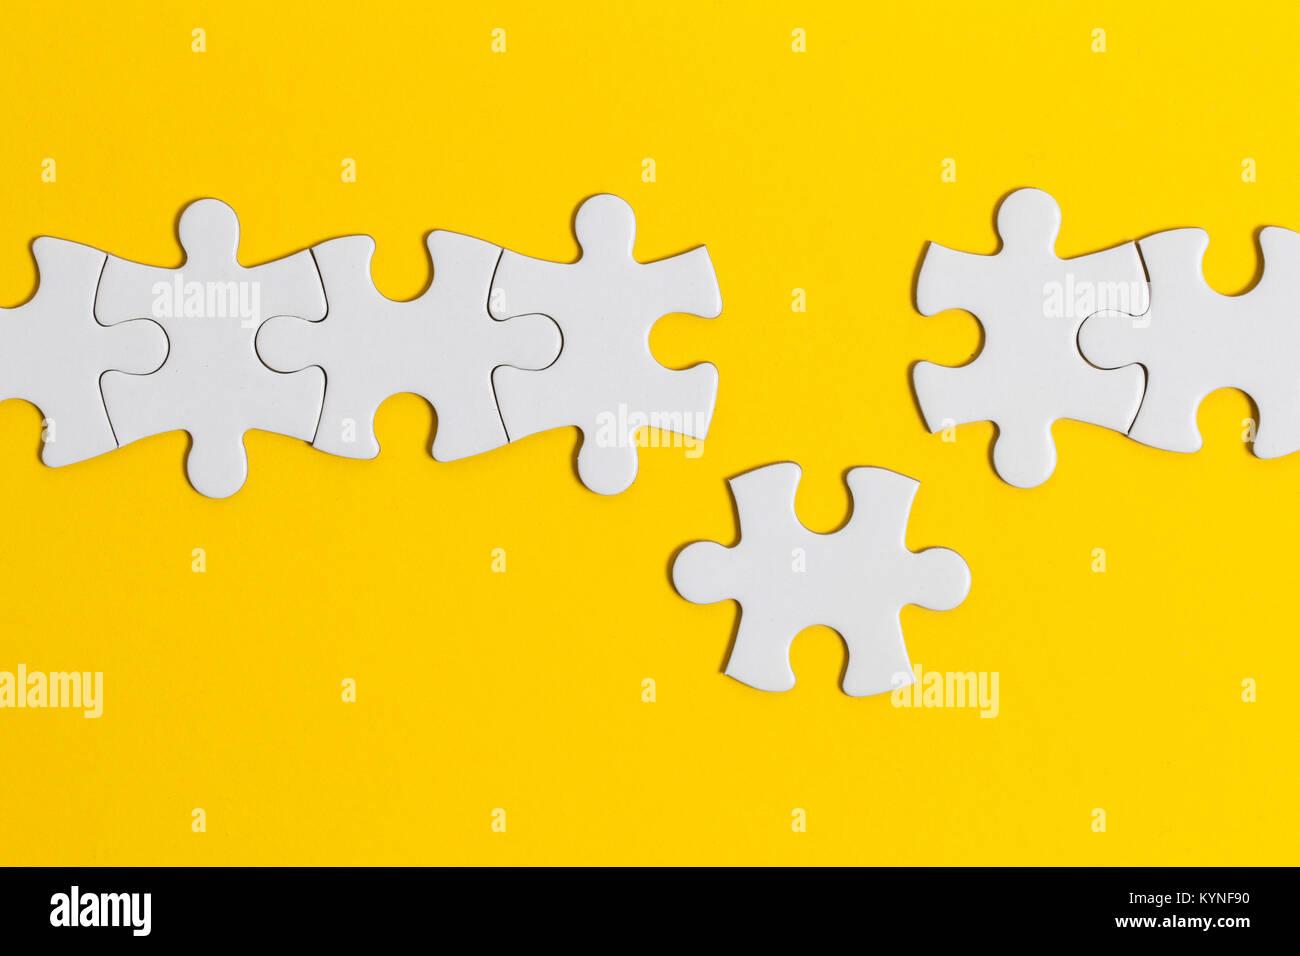 Weiß puzzle Stücke auf einem gelben Hintergrund. Business Solution Concept Stockbild